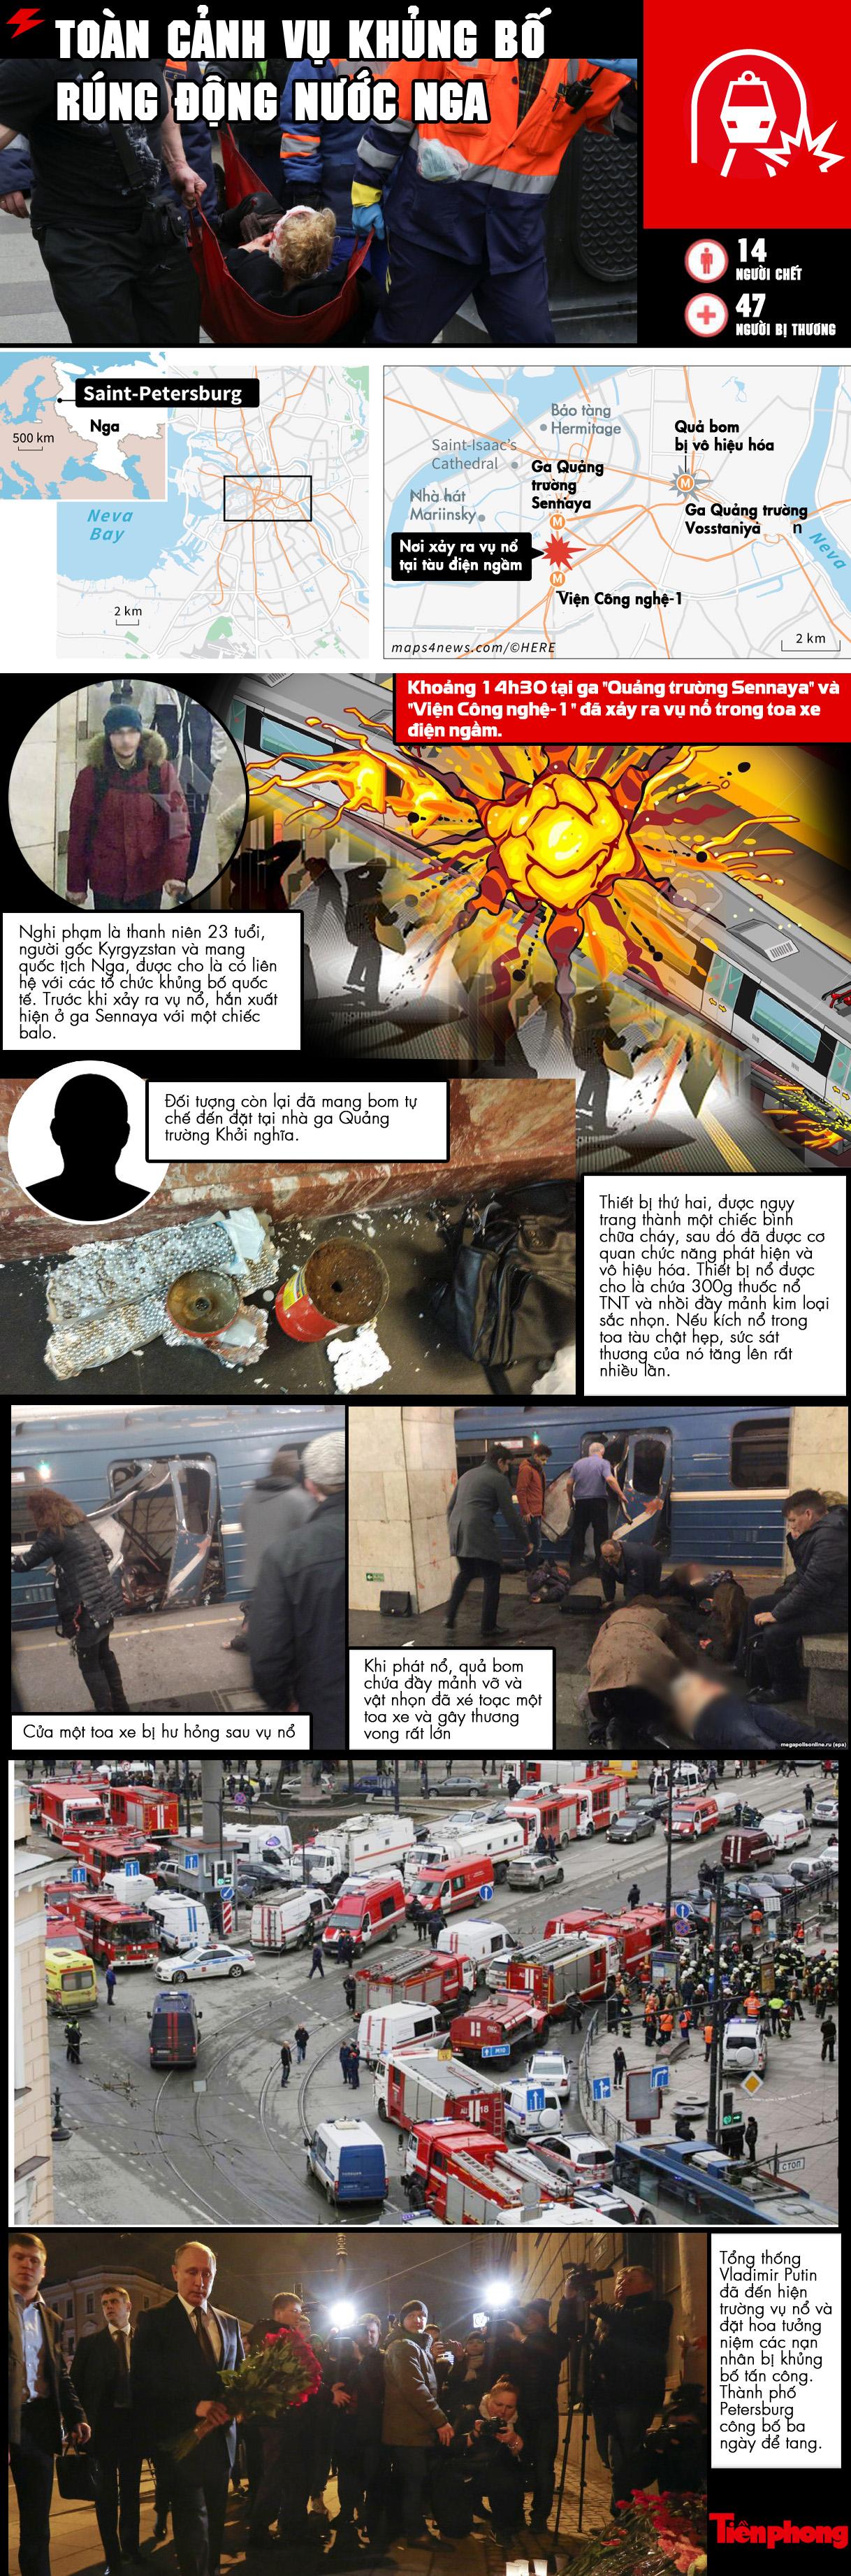 [ĐỒ HỌA] Toàn cảnh vụ khủng bố rúng động nước Nga - ảnh 1